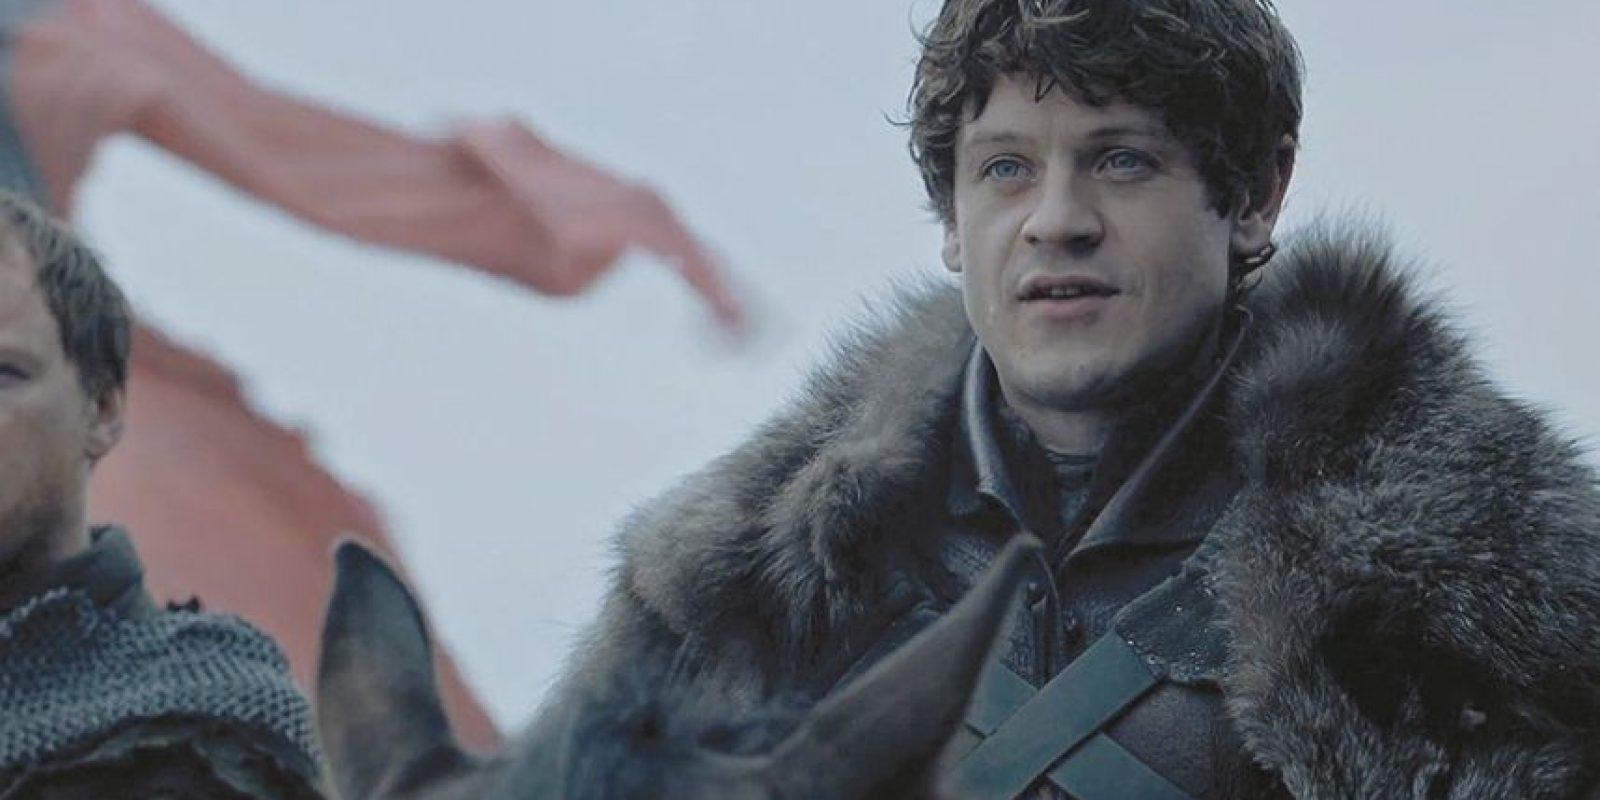 5- El gusto de odiar a un personaje. Y hablando de Ramsey Bolton, sin duda el mejor personaje de la sexta temporada es este sádico villano que no vacila en machacar a los Stark o a los Greyjoy, o a su propio padre, de las formas más retorcidas y crueles, hasta que tras la batalla de los bastardos cae en manos de Jon y Sansa. Es imposible no compartir la sonrisa de Sansa tras esa escena en la perrera, con Ramsey devorado por sus canes. Muchos espectadores querían ver su fin, pero ahora, ¿a qué personaje le tendremos manía si ni siquiera Cersei llega a ese punto de maldad? Foto:HBO